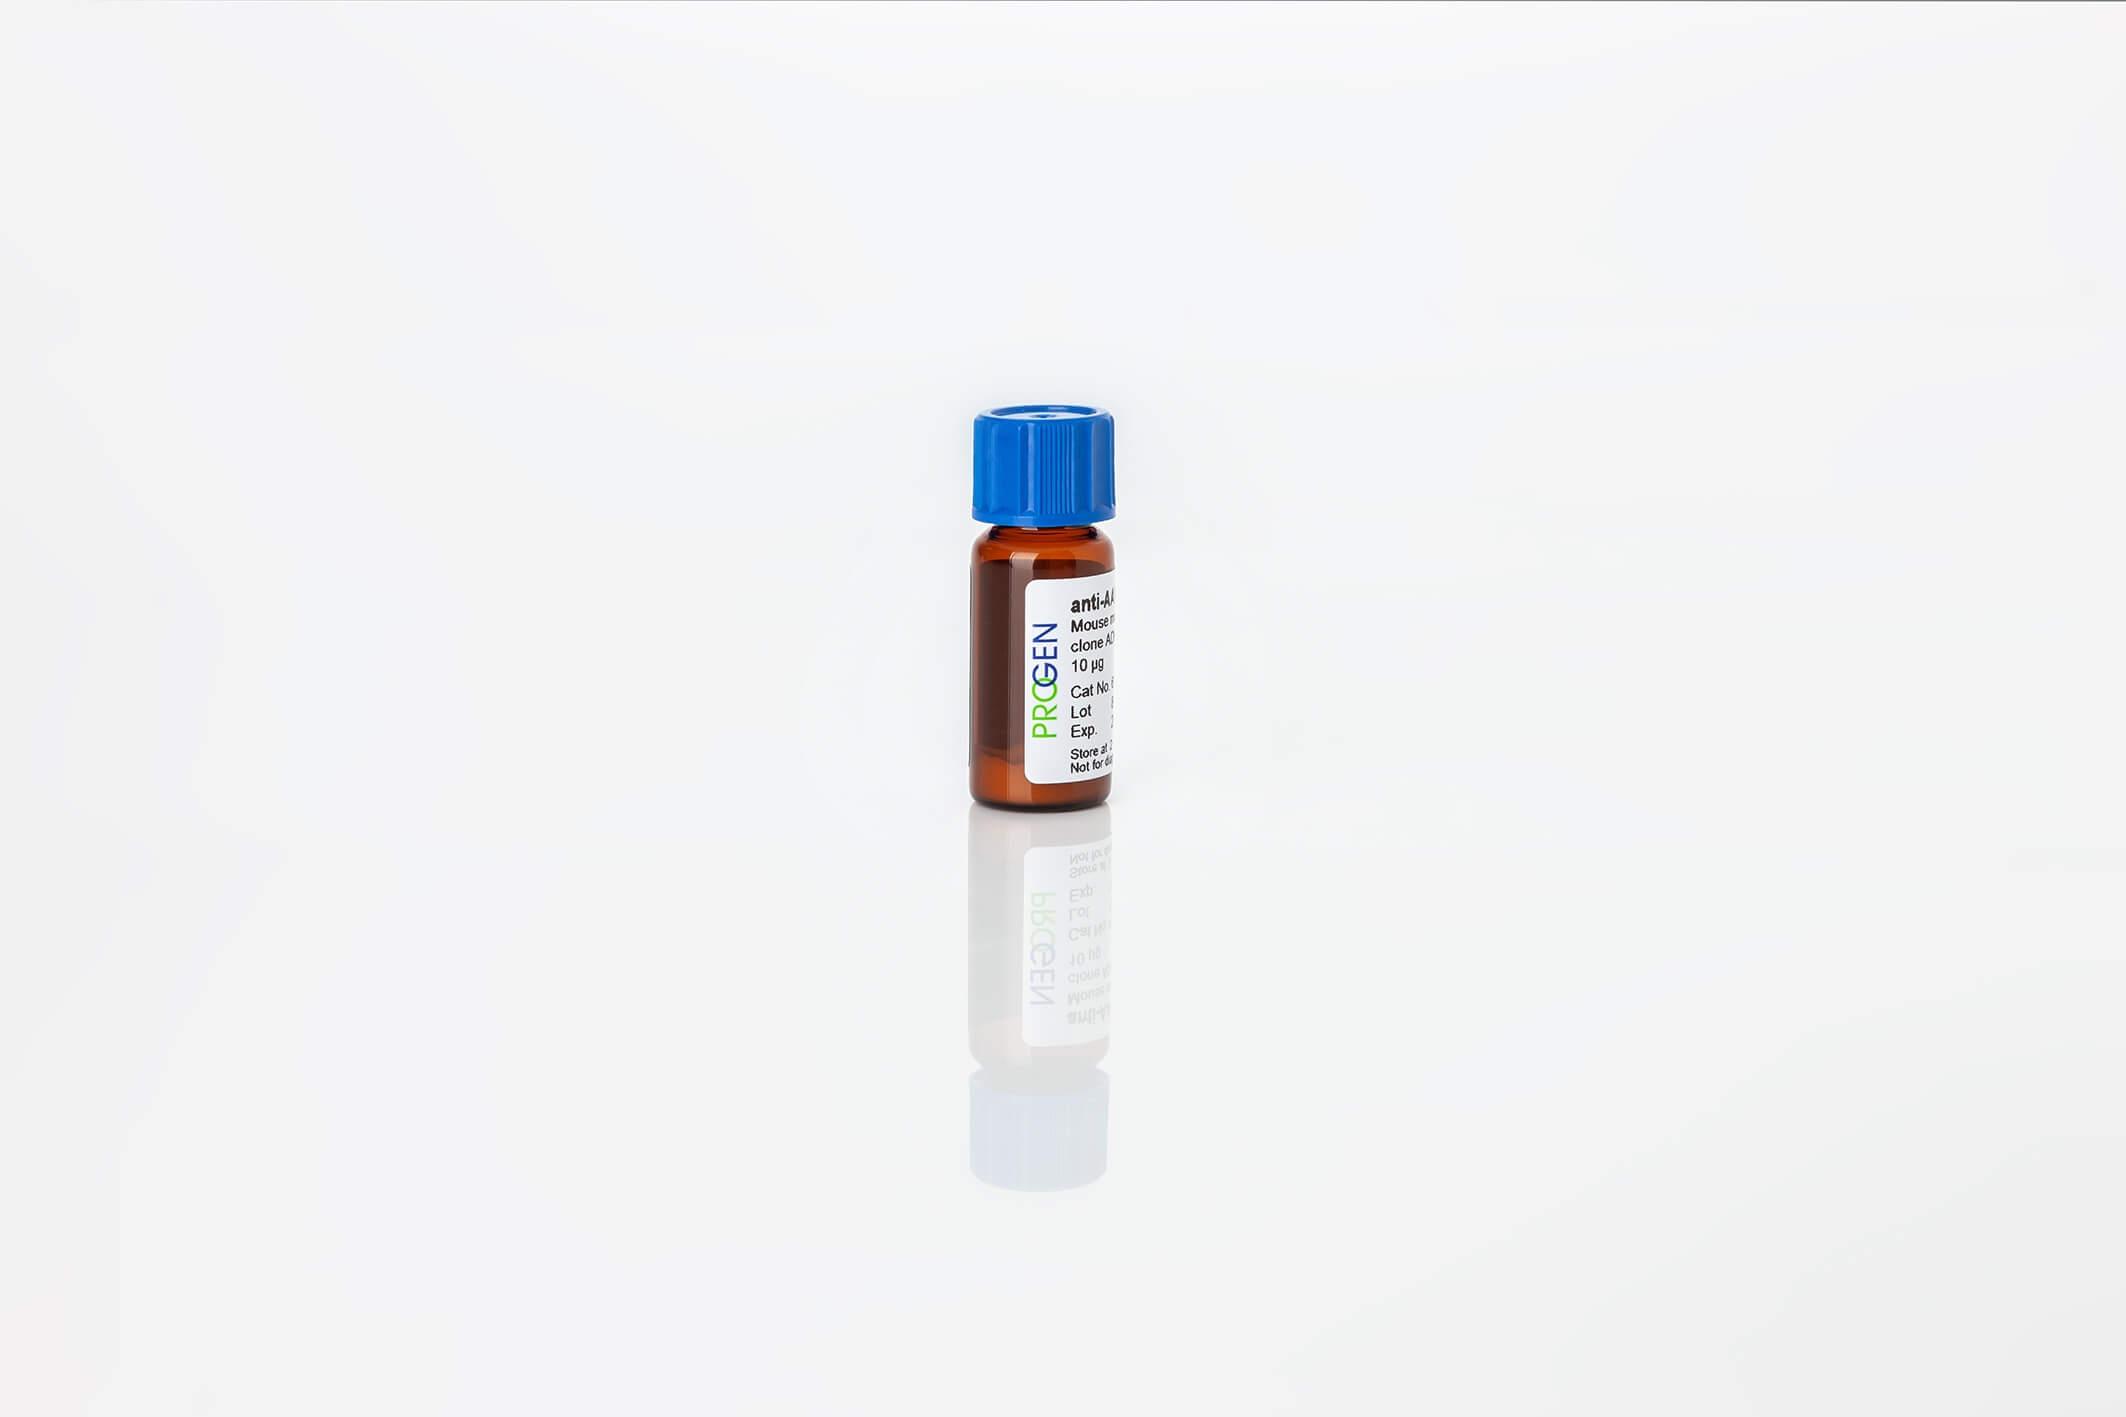 anti-Pancreastatin rabbit polyclonal, serum